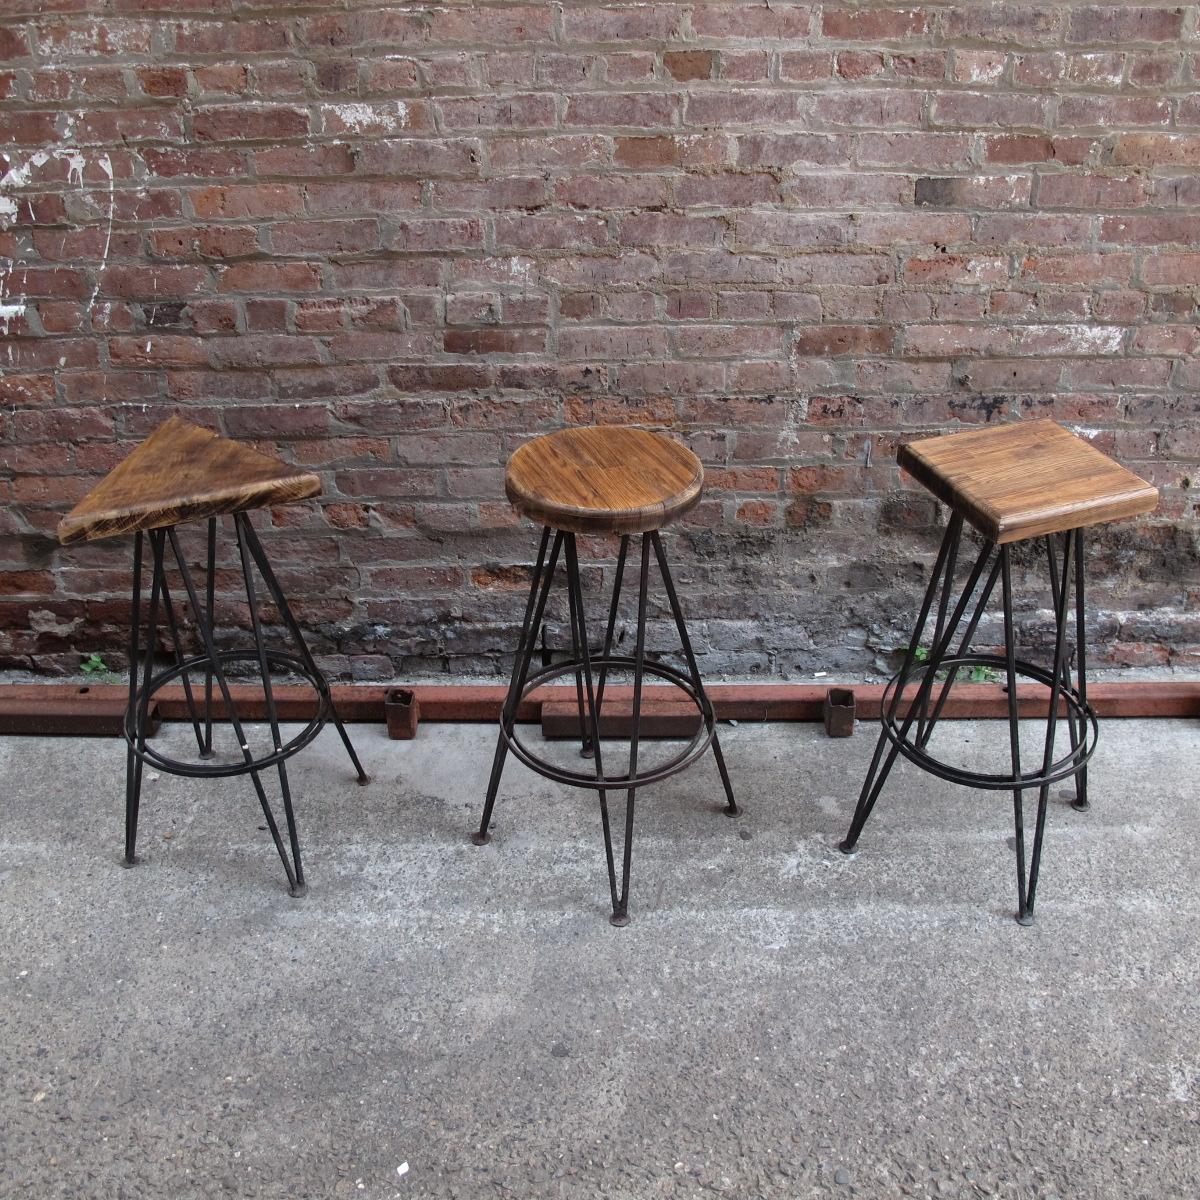 Trio Wood Shape Seat Cast Iron Stools (3) $70/ea